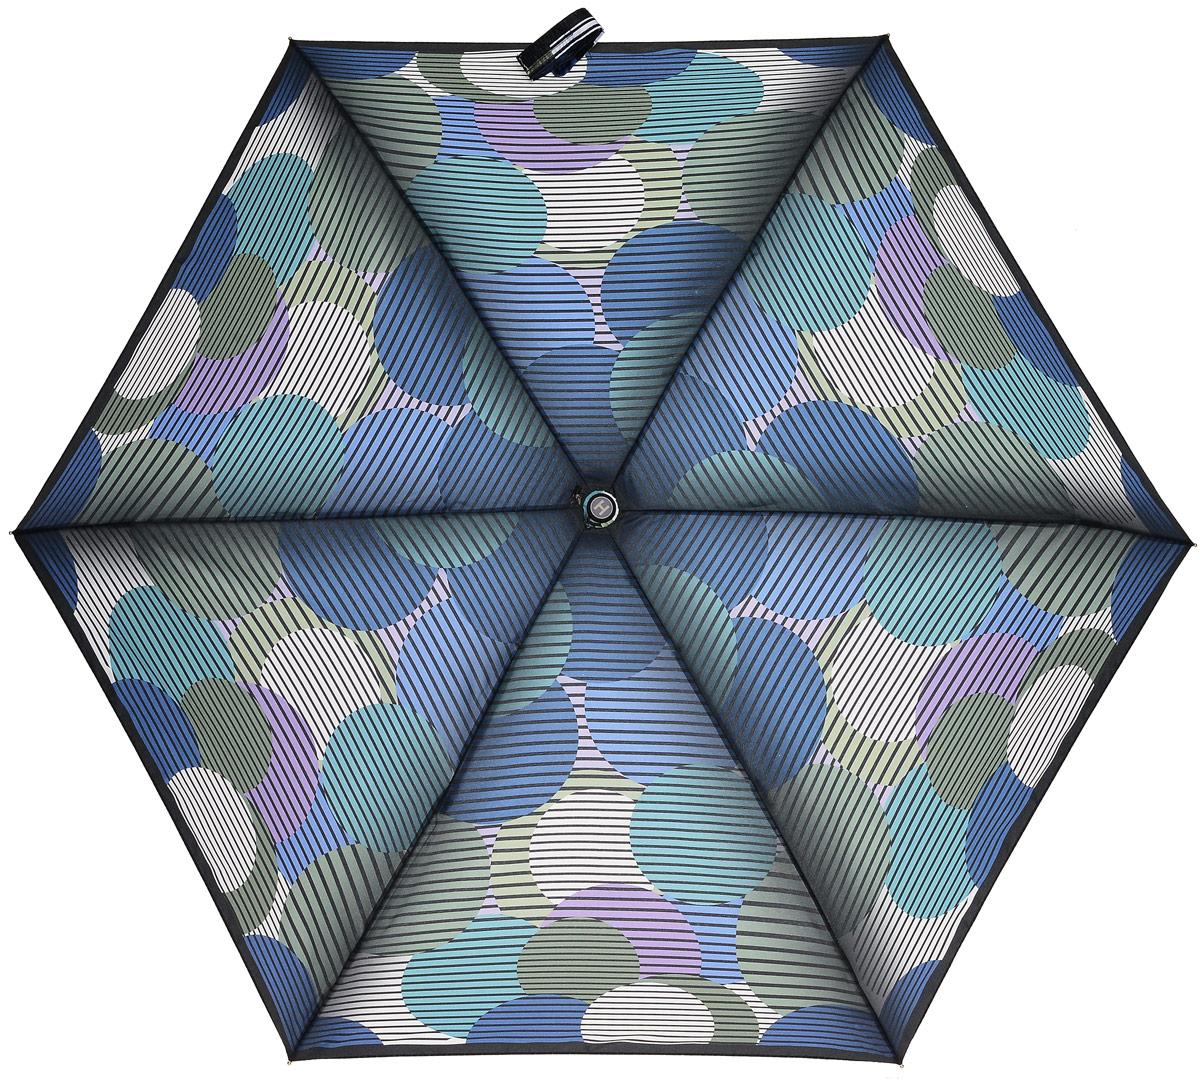 Зонт женский Henry Backer, 5 сложений, цвет: мультиколор. U34203 Big peas45102176/33205/7900XЛегкий женский зонт «Большой горох», мультиколор, механика Рукоять выполнена из нескользящего материала, ветроустойчивый каркас из алюминия и фибергласса.